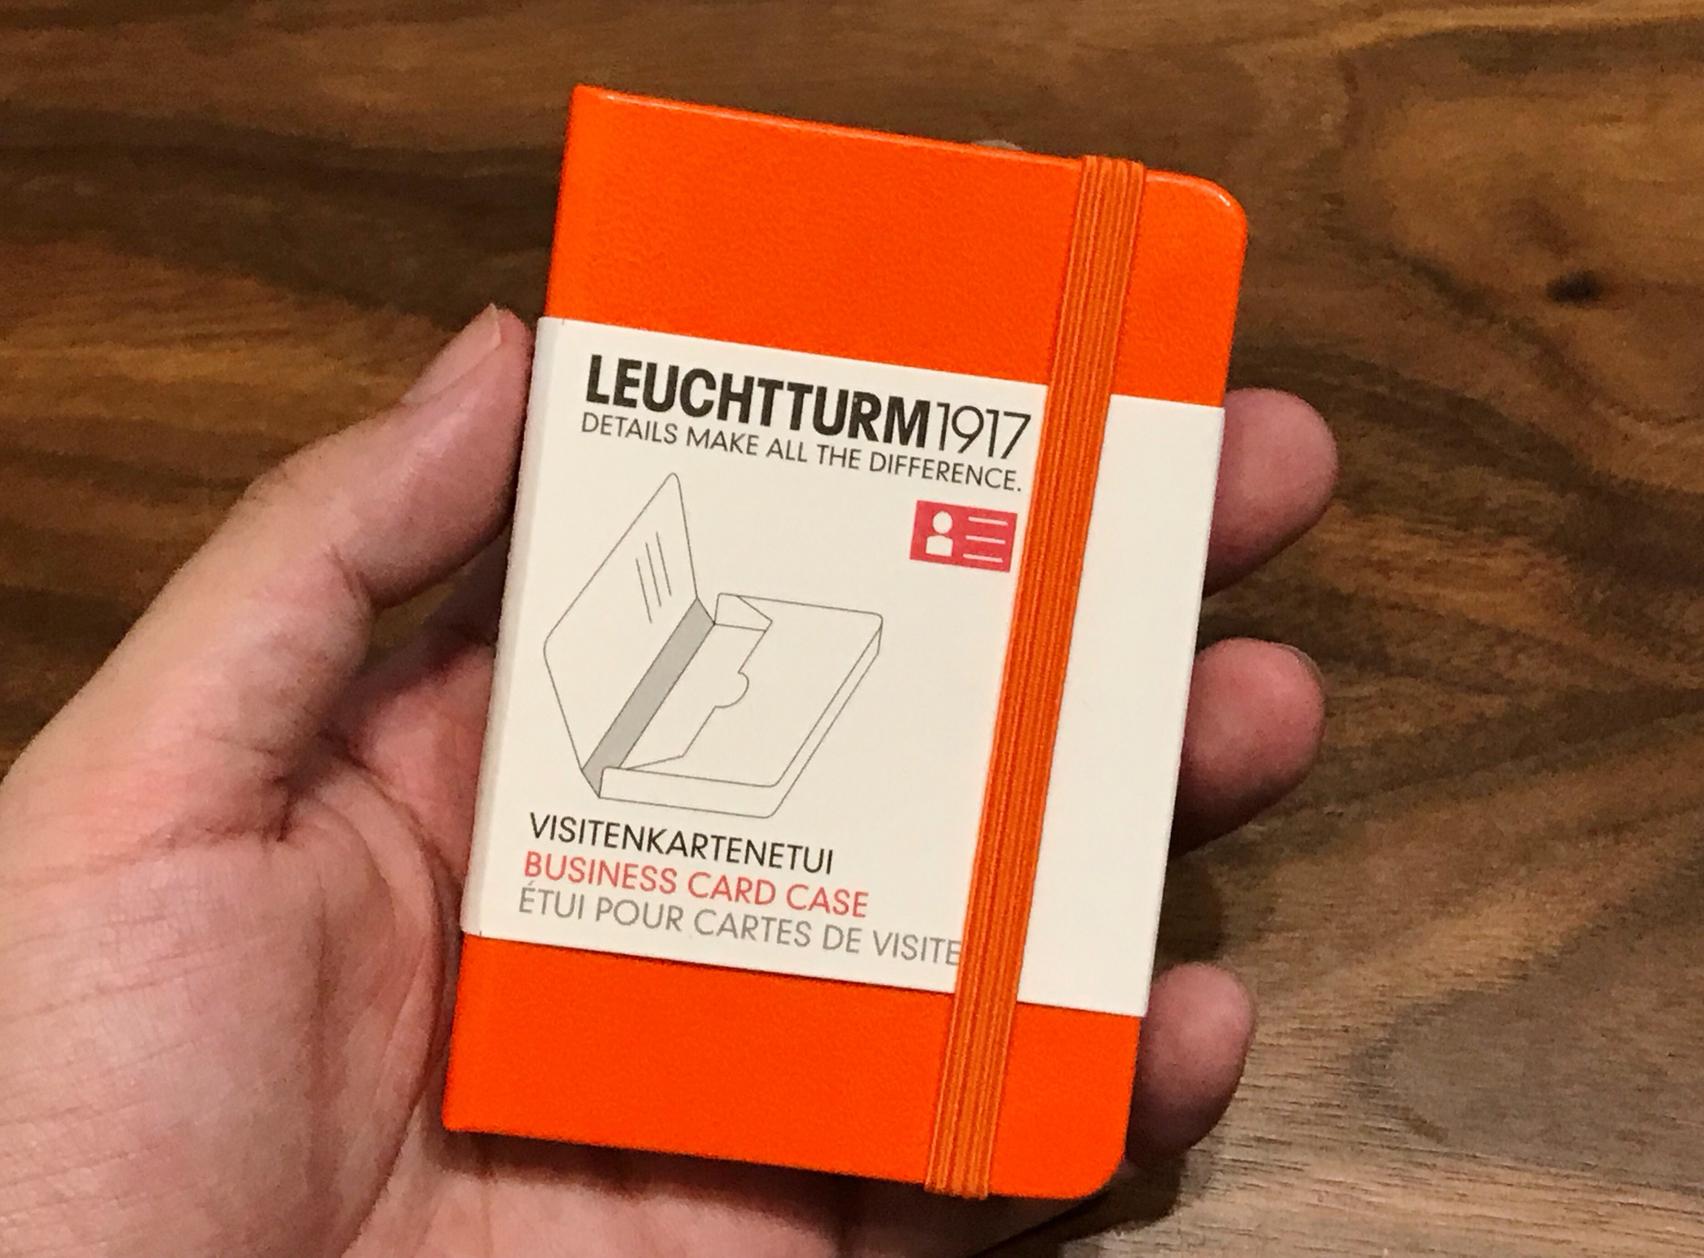 ロイヒトトゥルムカードケース 手に持った